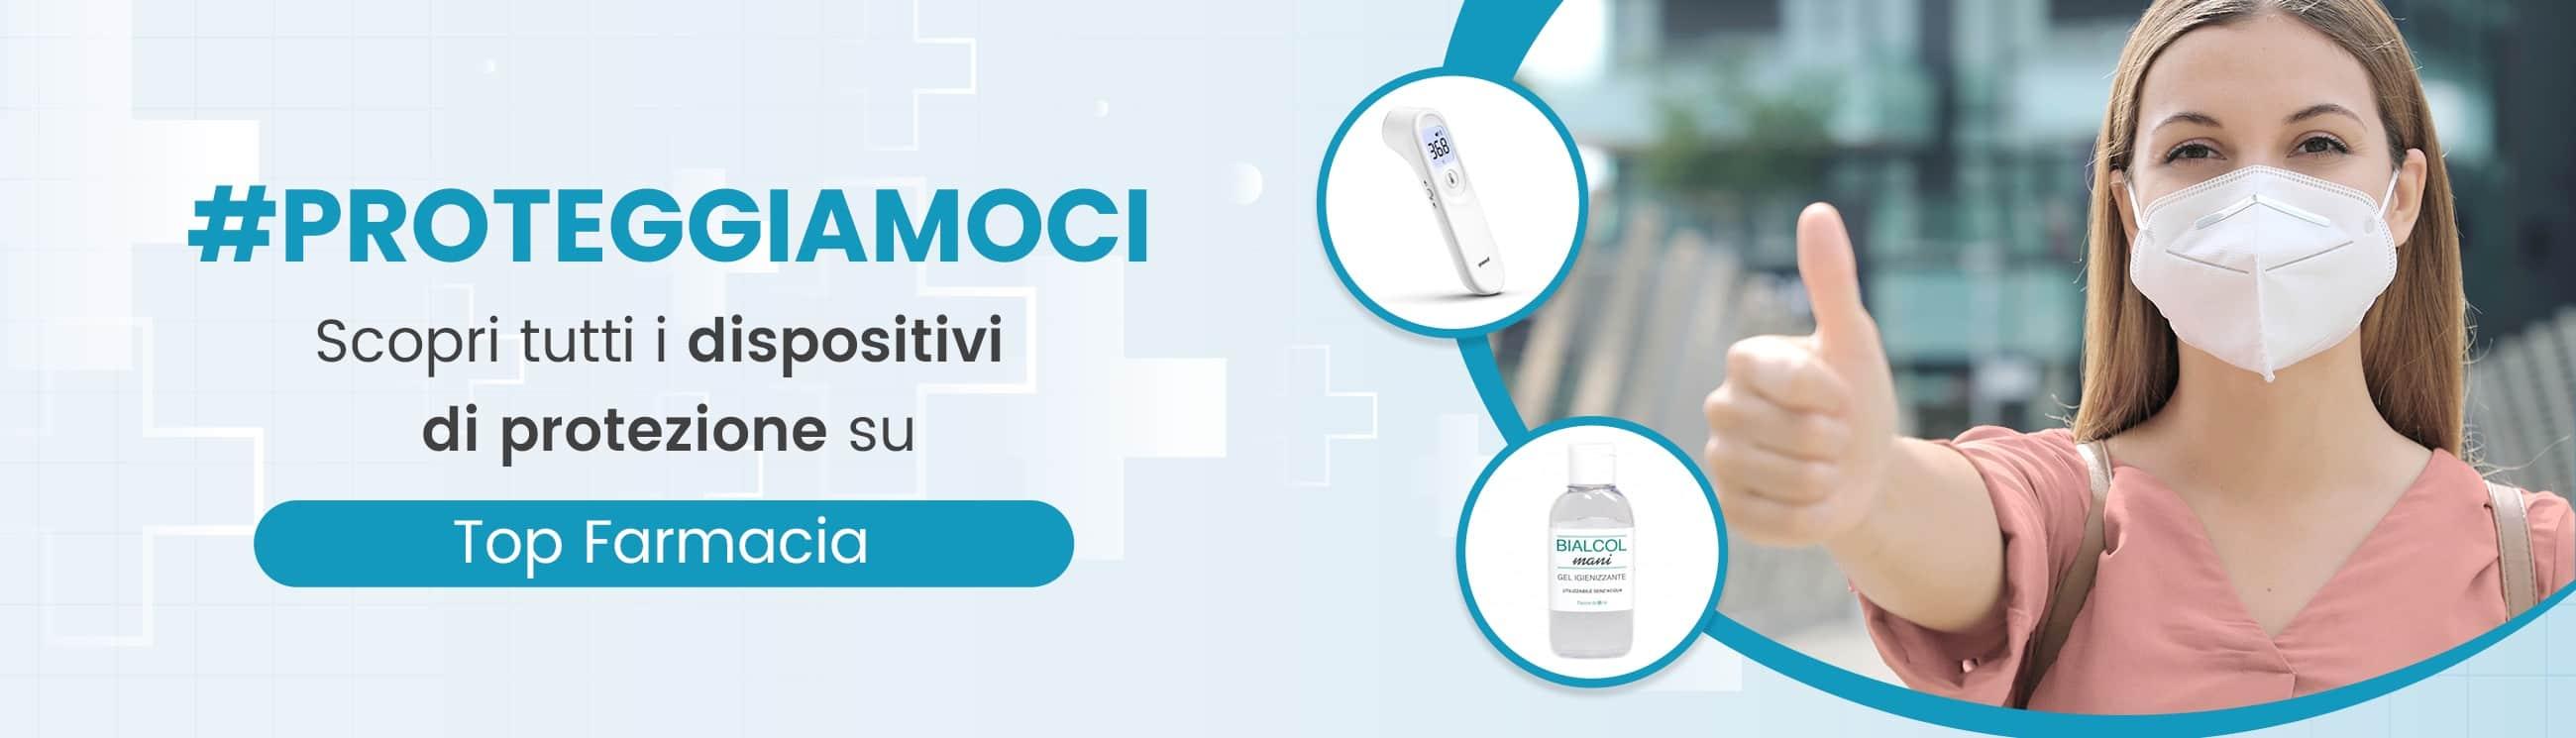 Dispositivi di protezione su Top Farmacia